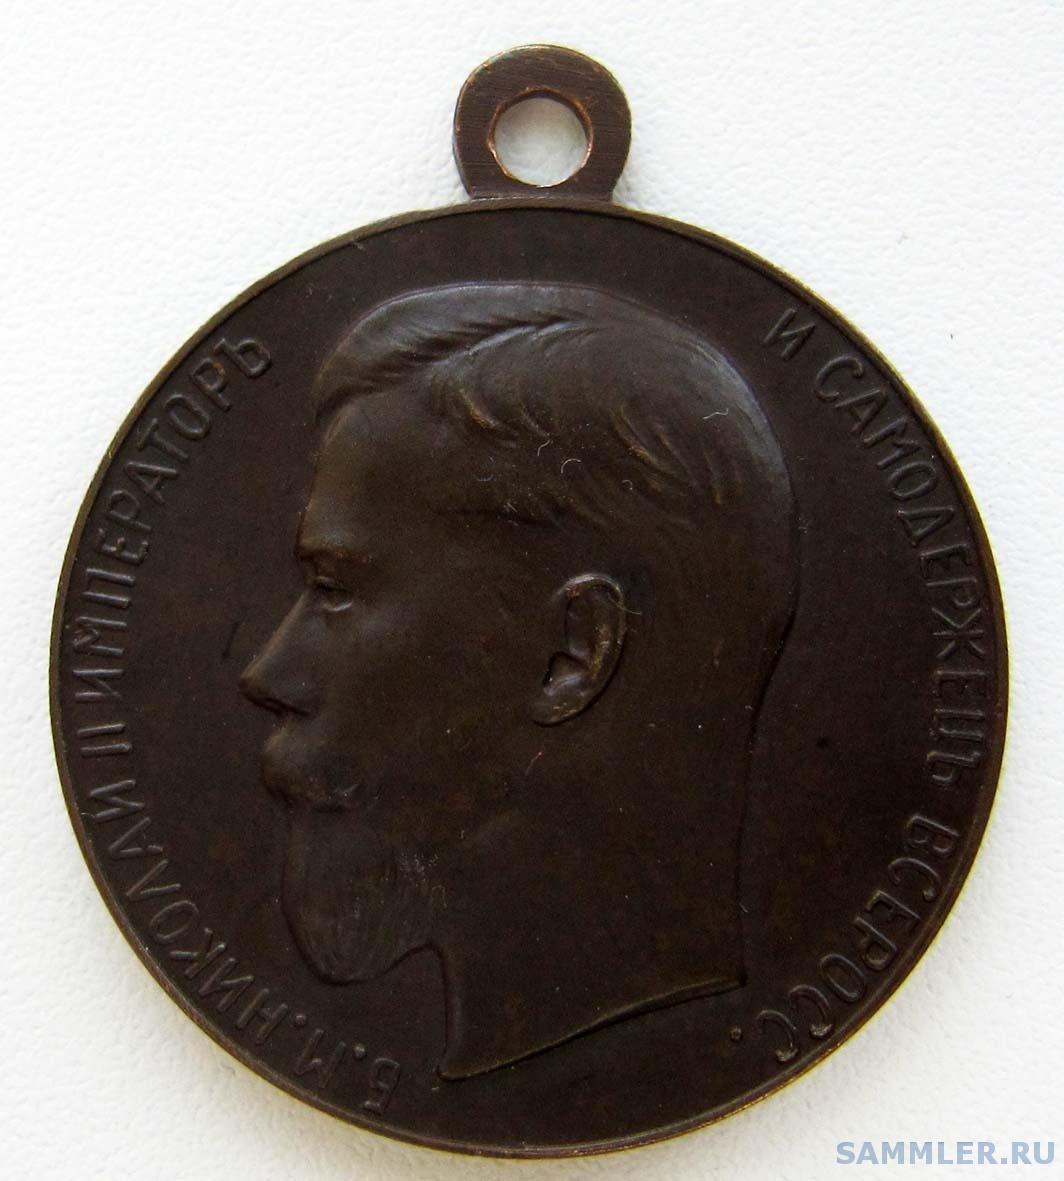 Медаль_За отличие. Тёмная бронза. Николай 2 (аверс).jpg